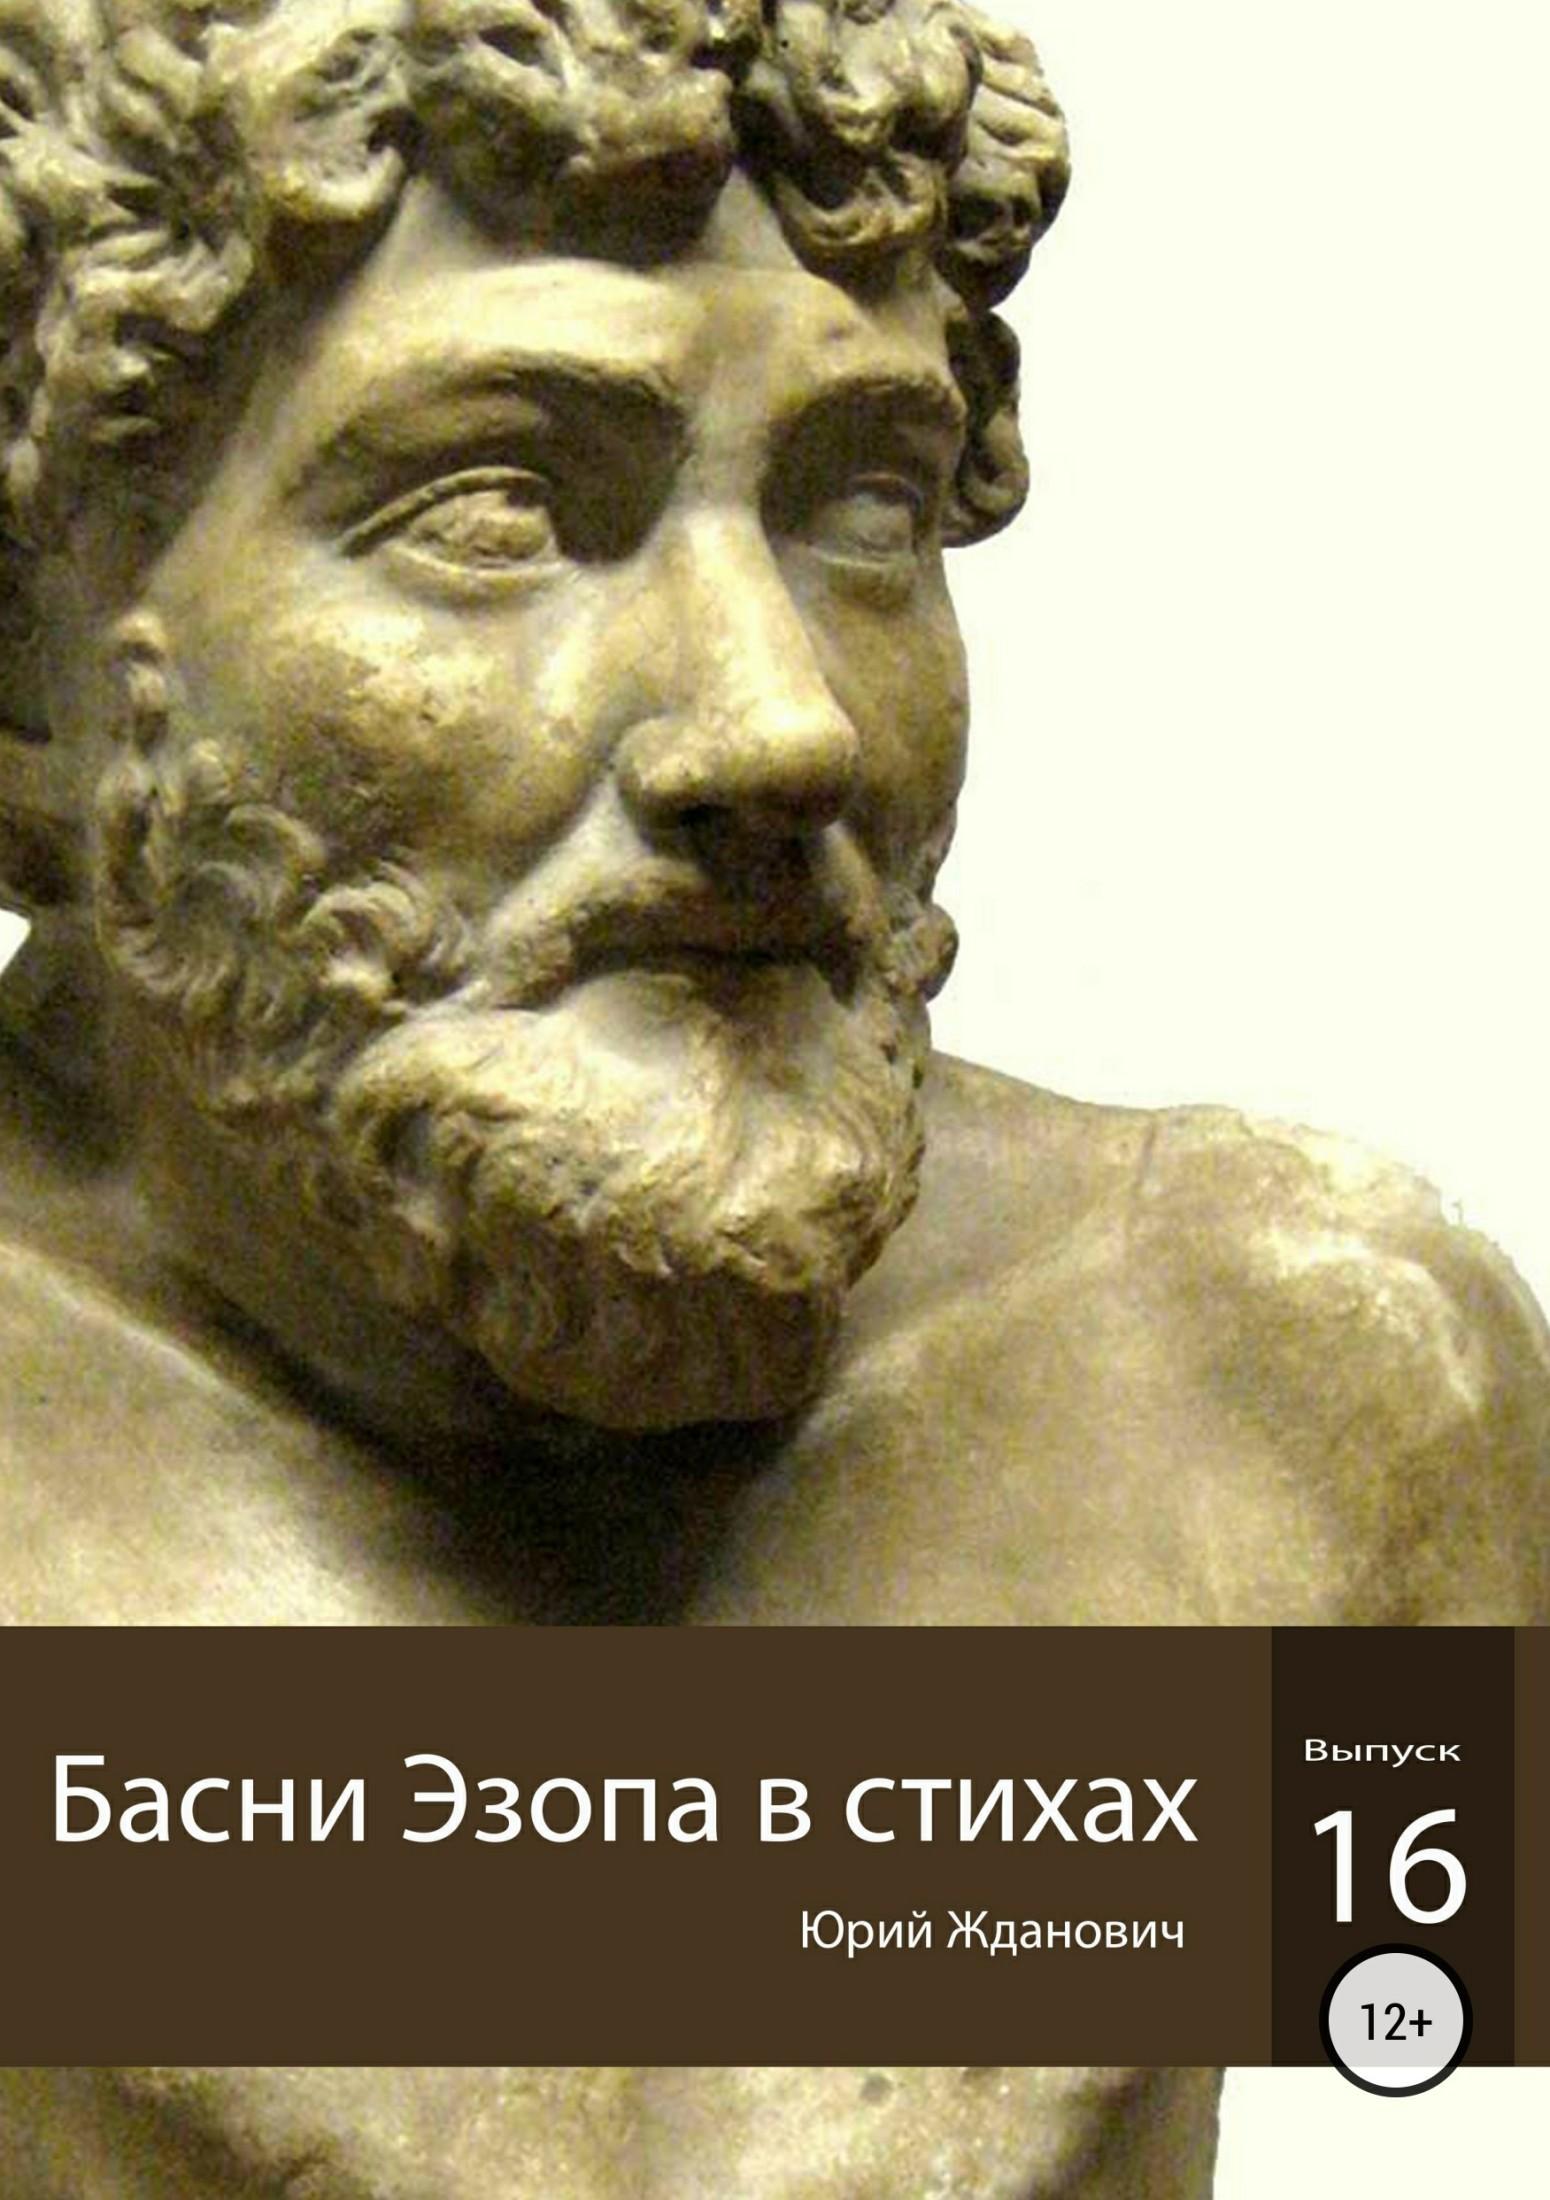 Юрий Михайлович Жданович Басни Эзопа в стихах. Выпуск 16